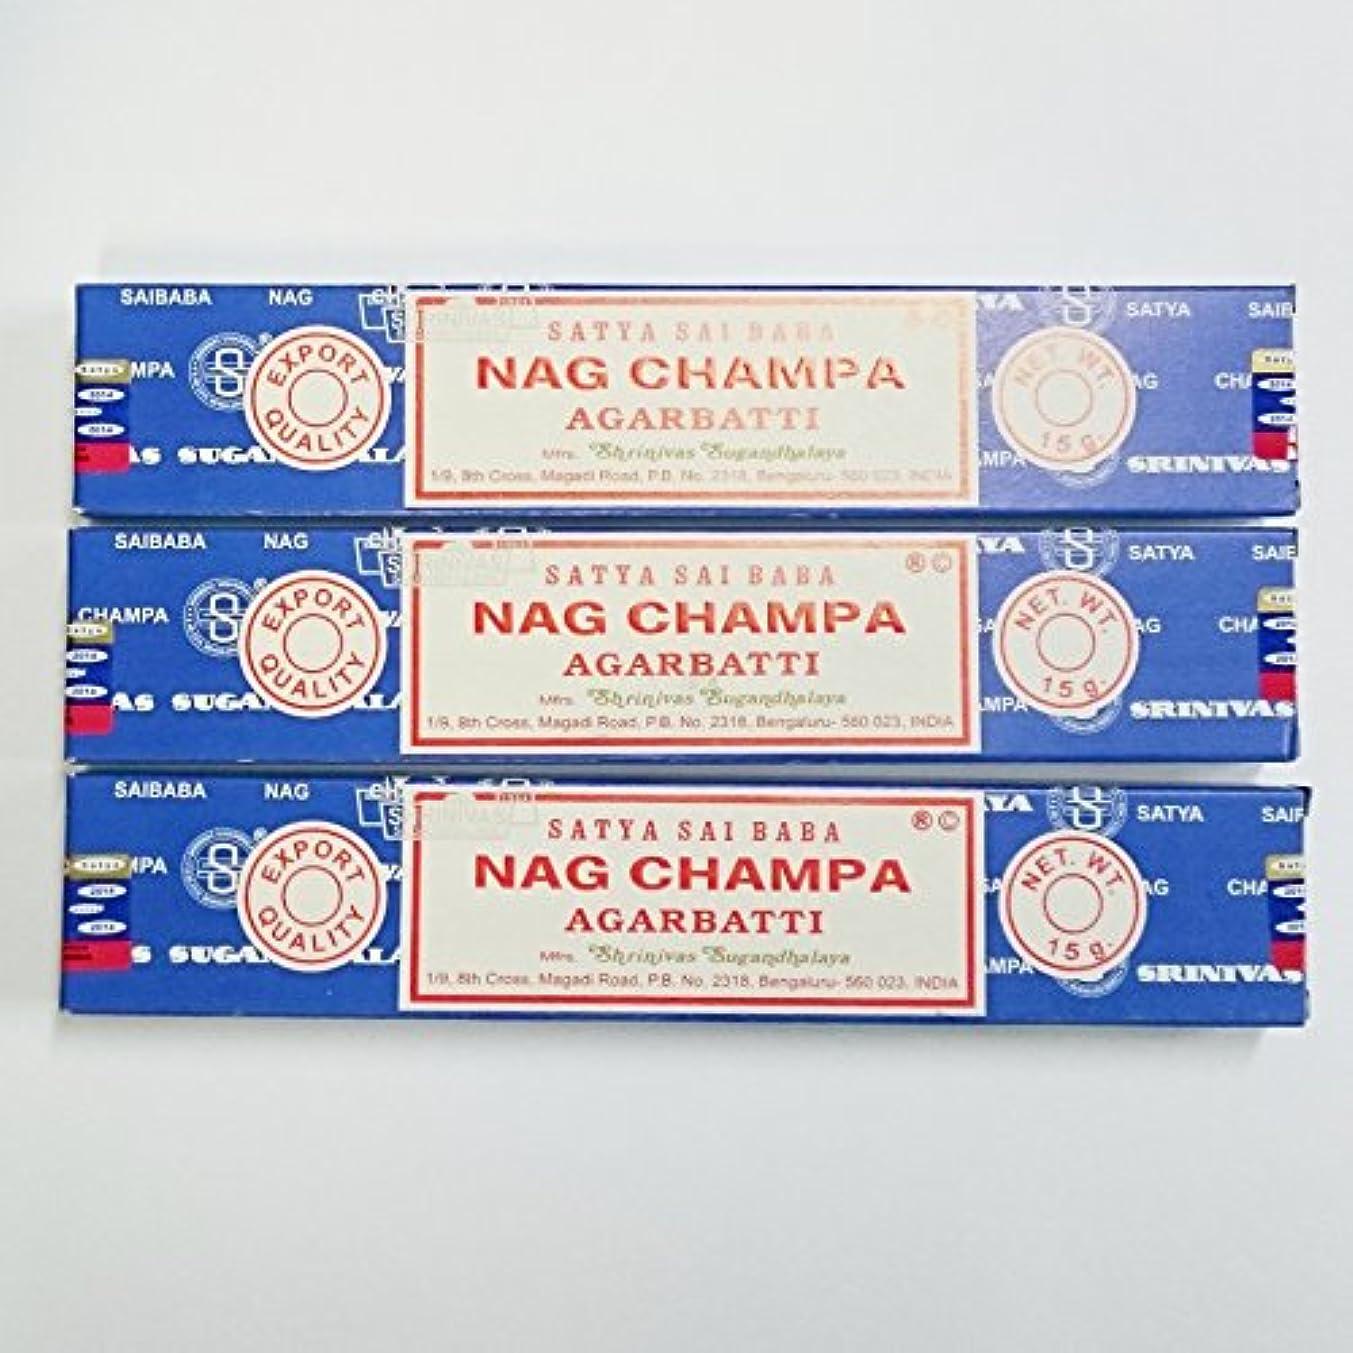 精度ブラシ共感するHEM社の7チャクラ&SATYA サイババナグチャンパ香 3箱セット